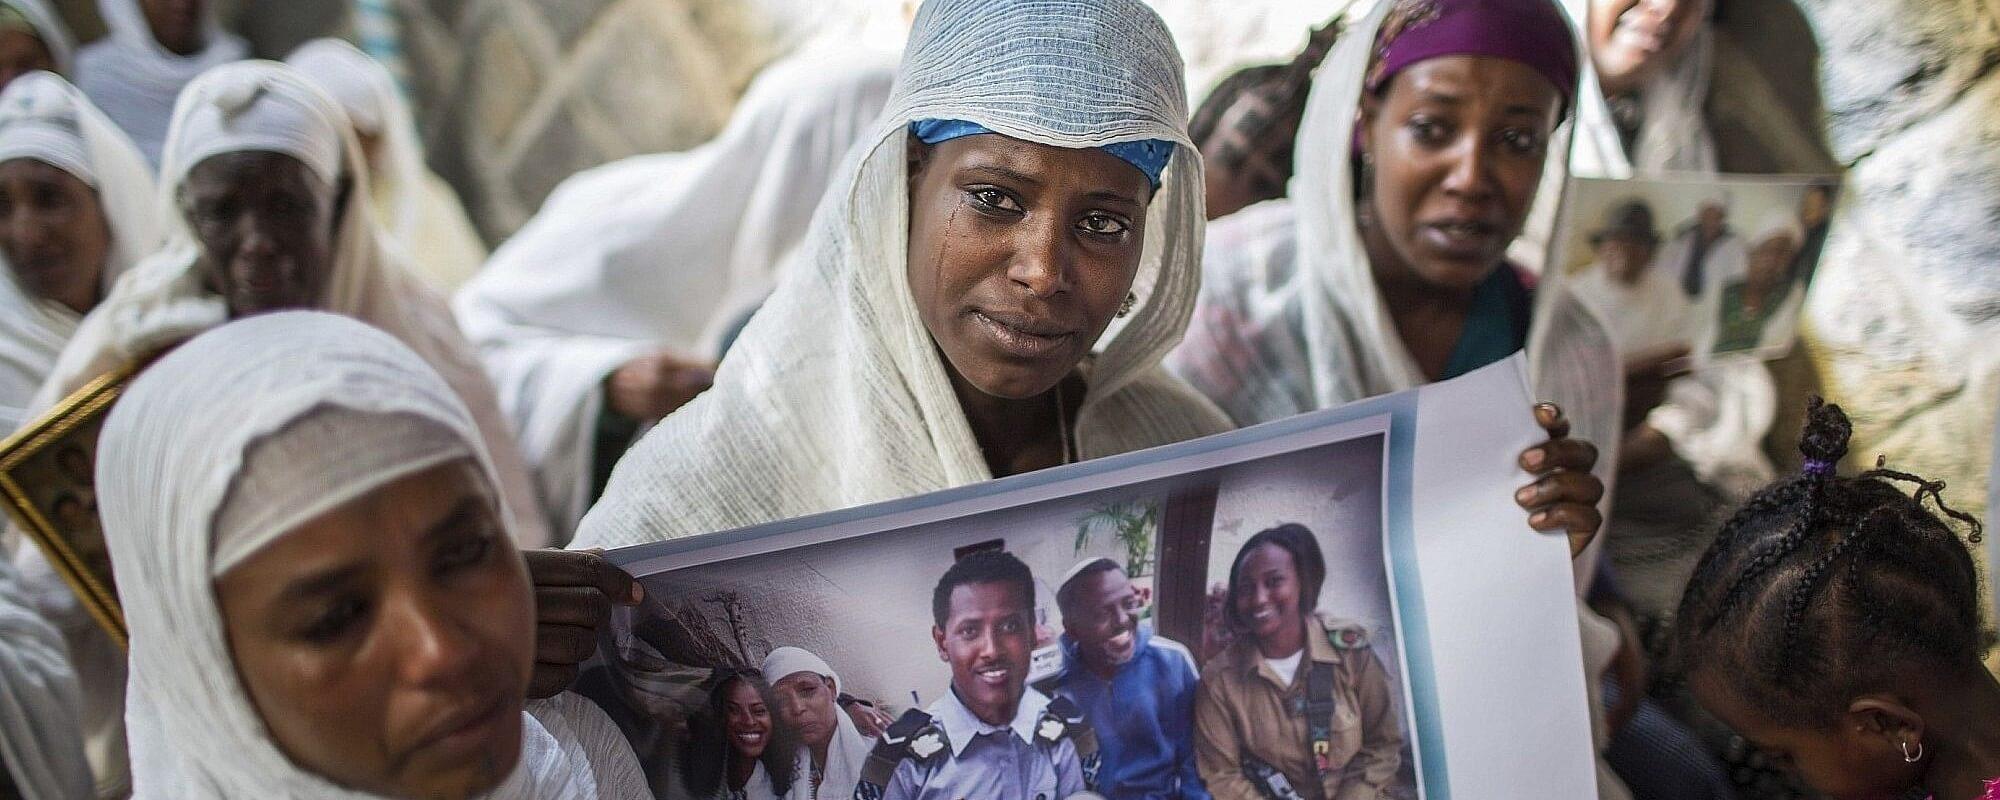 ethiopian-black-jews-making-aliyah